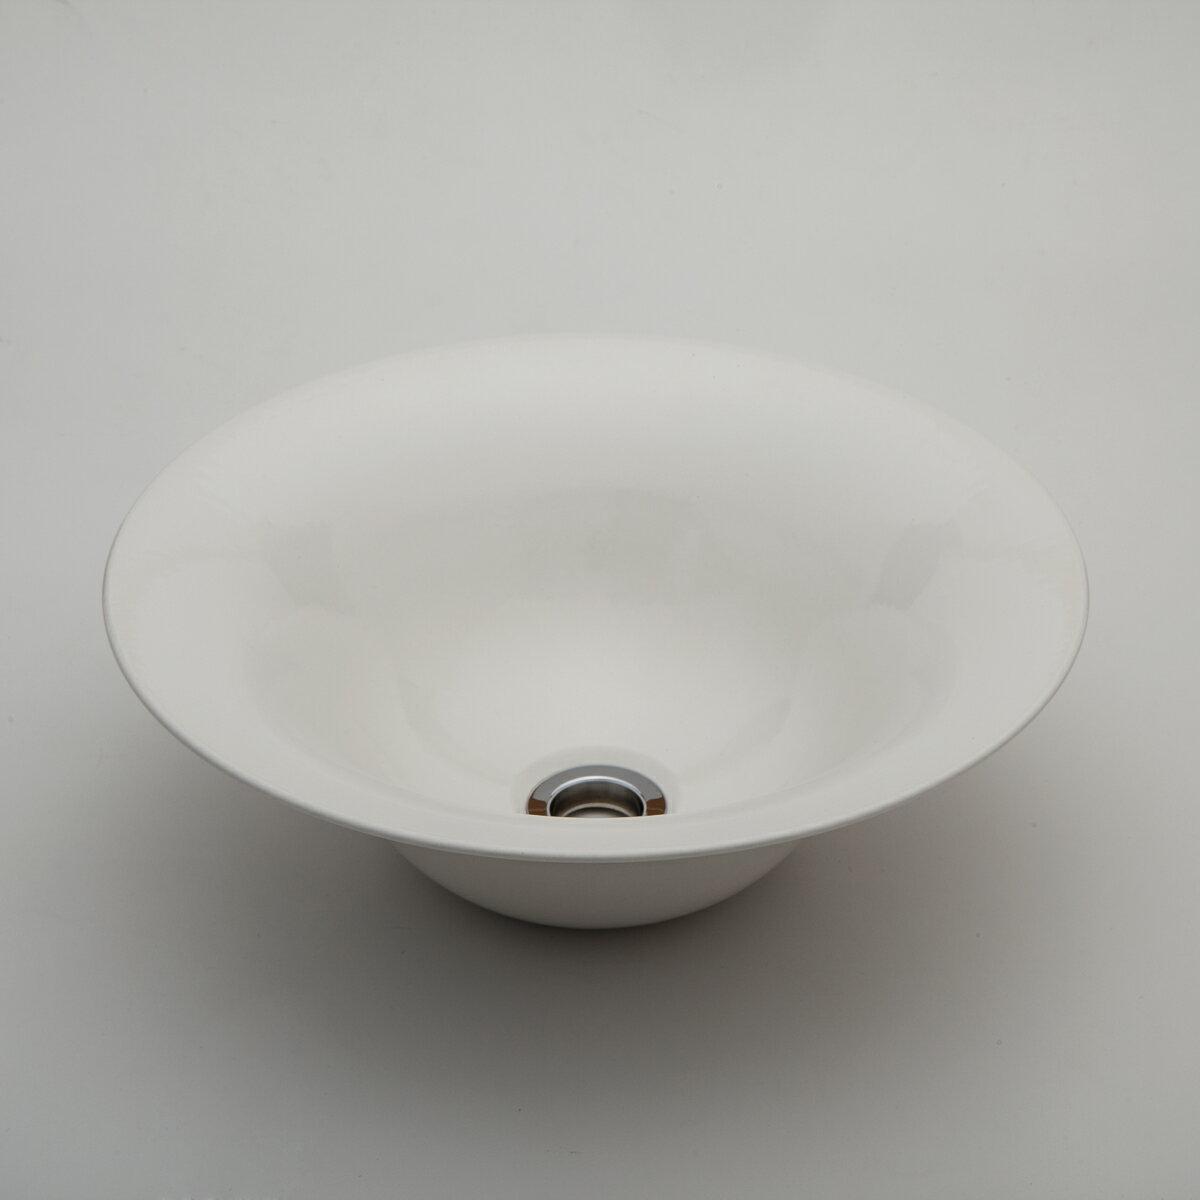 『カード対応OK!』###リラインス 置き型手洗器【LSM4-TU】(艶白) (手洗器のみ) モノクロームシリーズ φ326 受注約2週間